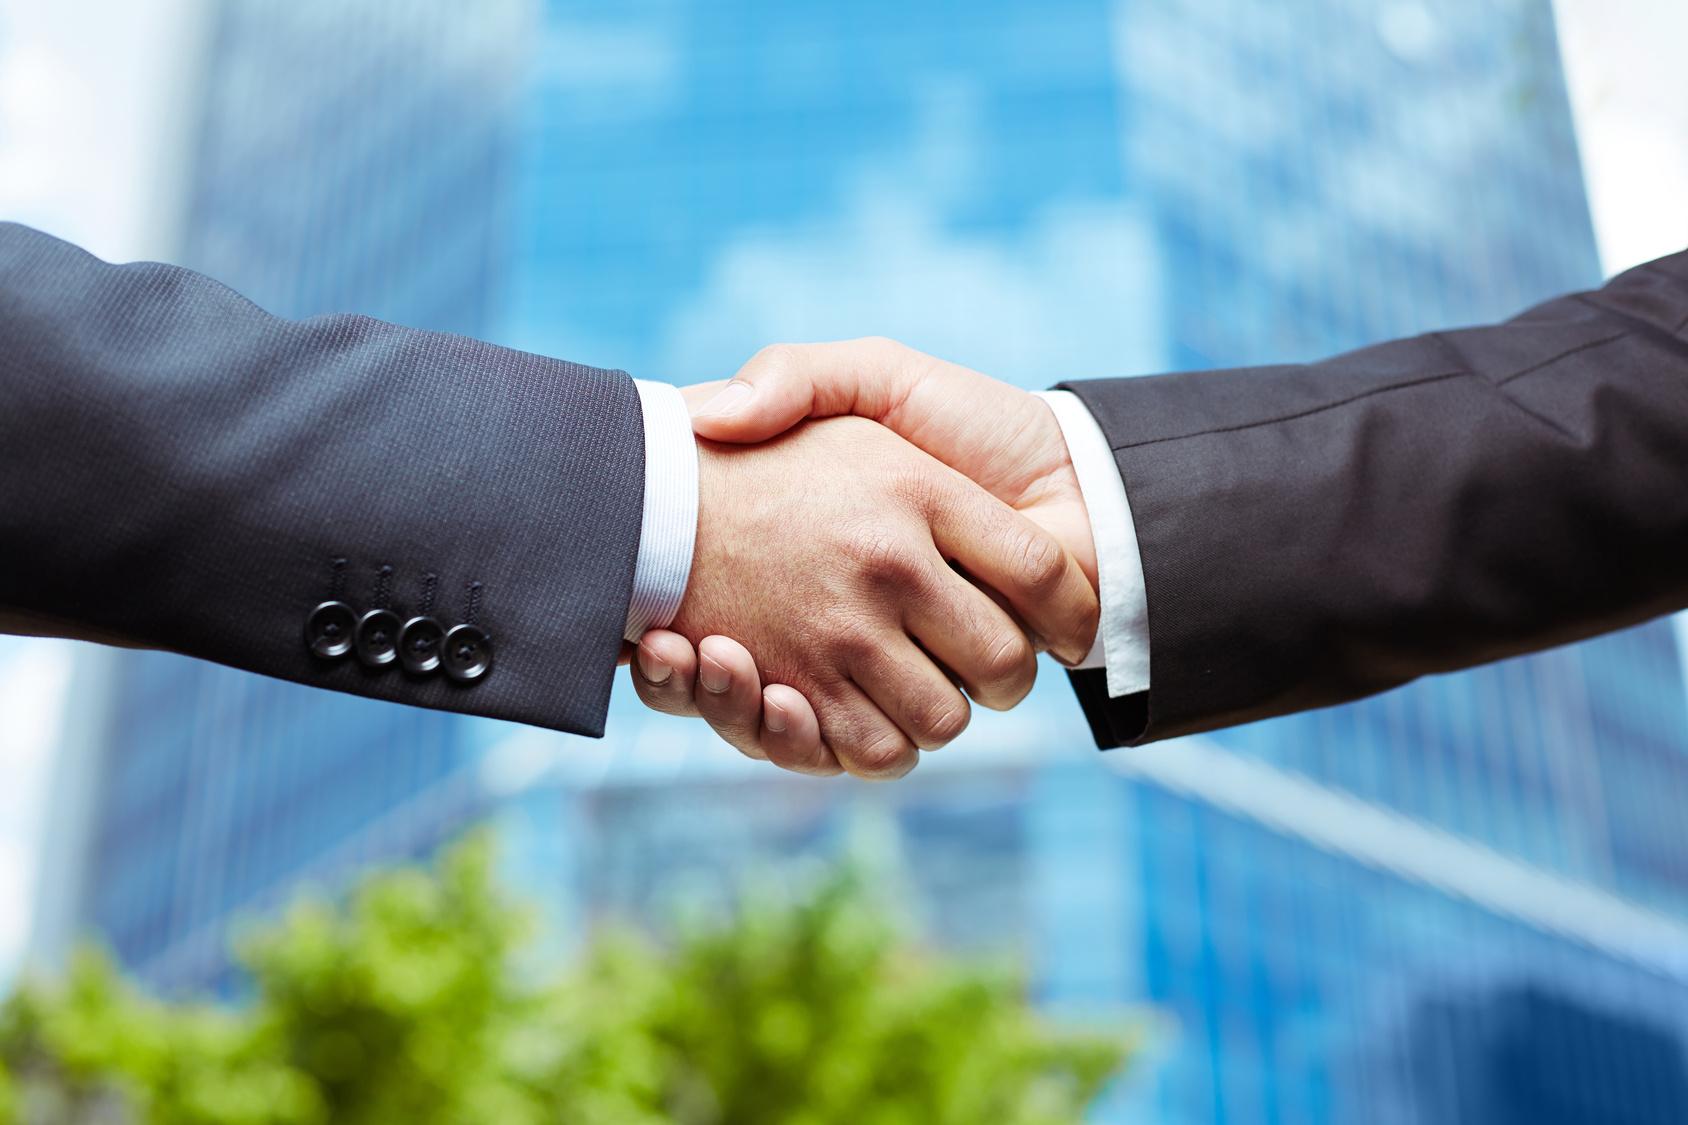 Приглашаем к сотрудничеству на постоянной основе дилеров.